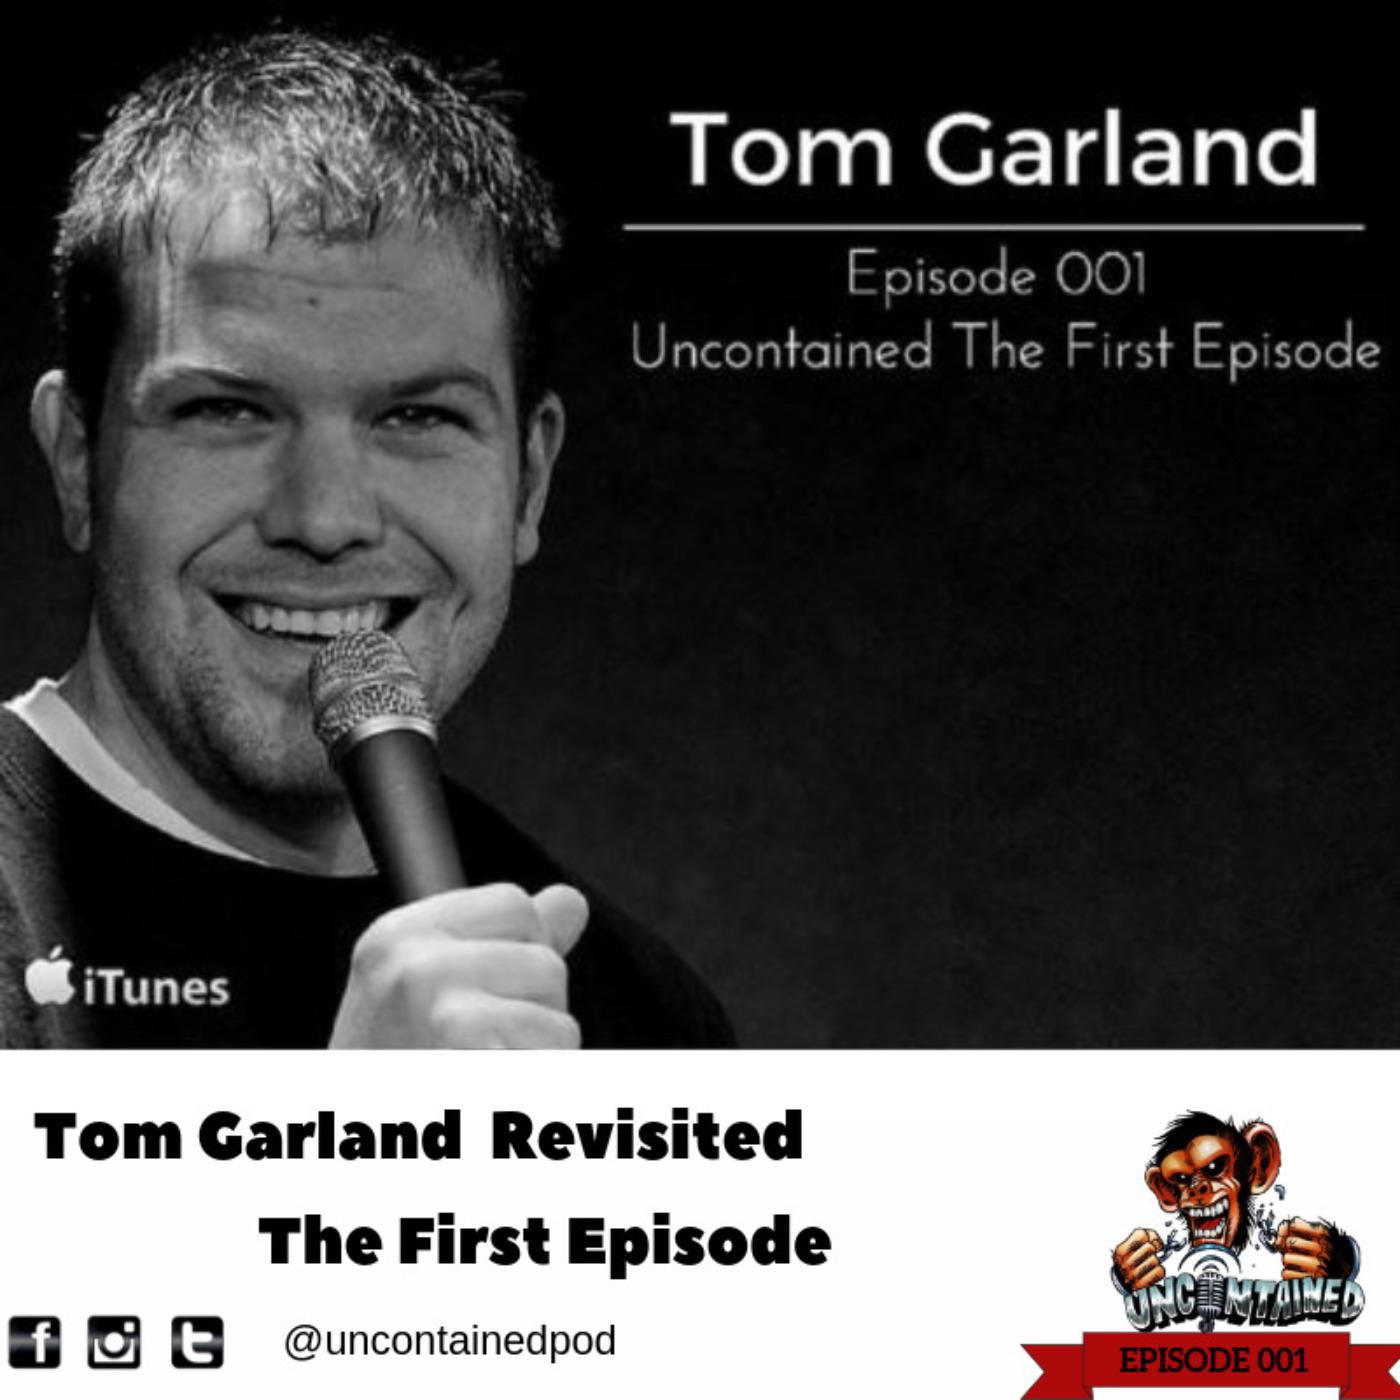 Re-Visited Episode 001: Tom Garland